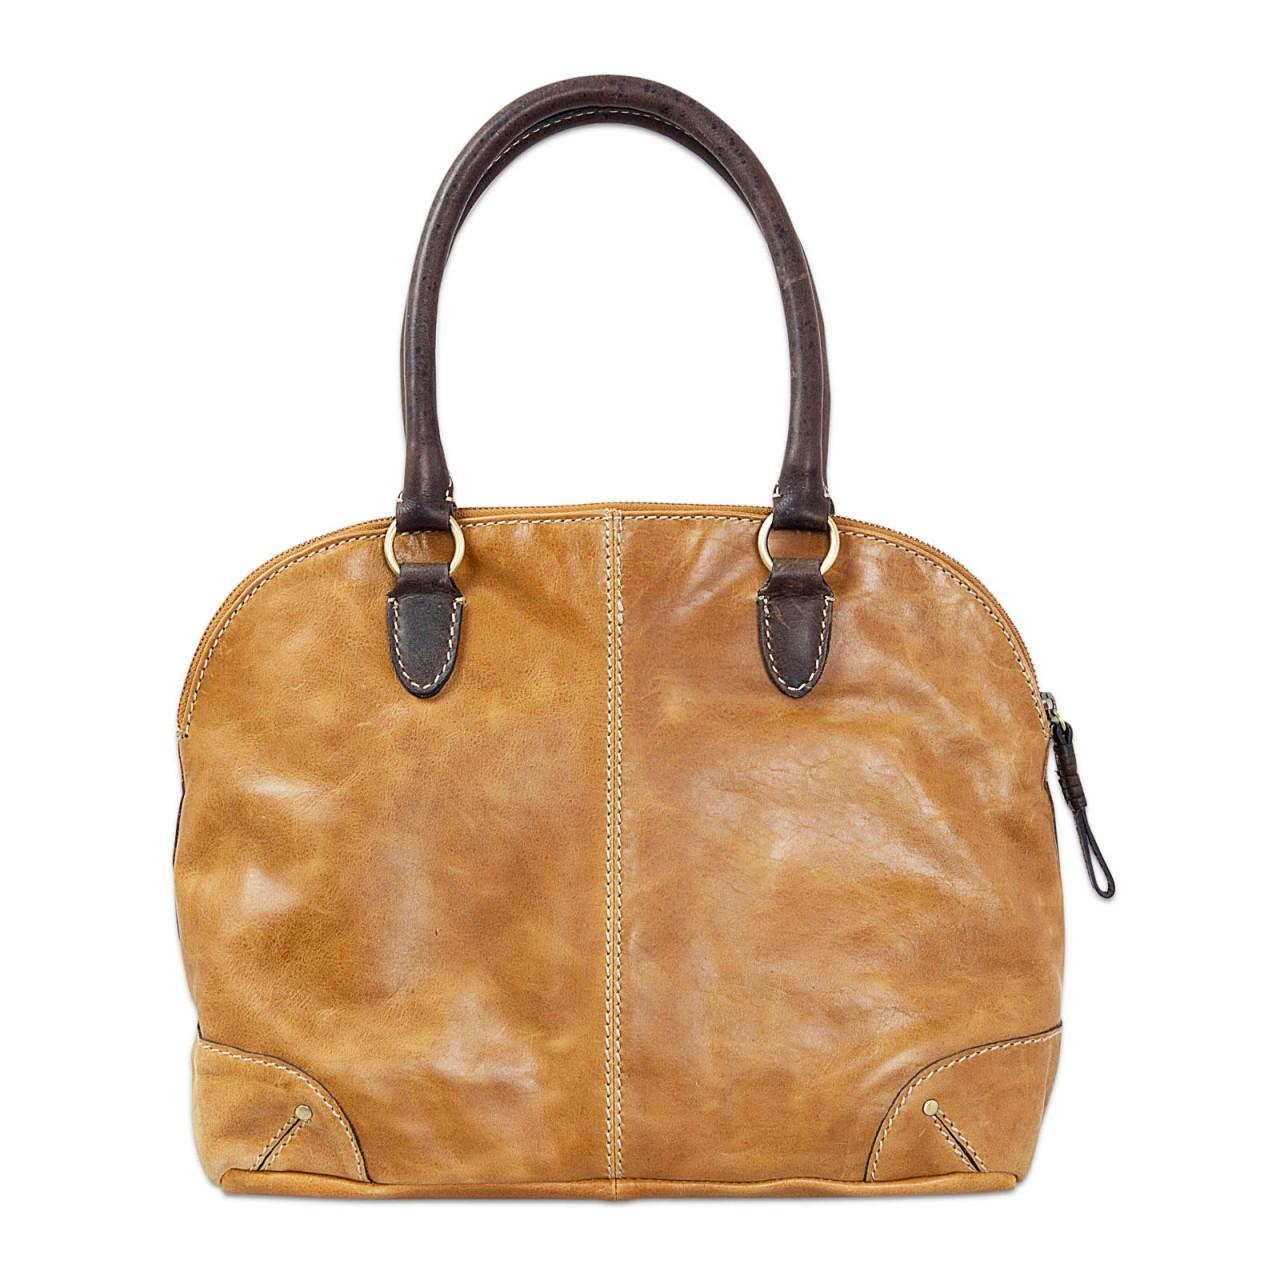 STILORD Vintage Handtasche groß Henkeltasche elegante Abendtasche für Damen - echtes Büffel Leder braun - Bild 4